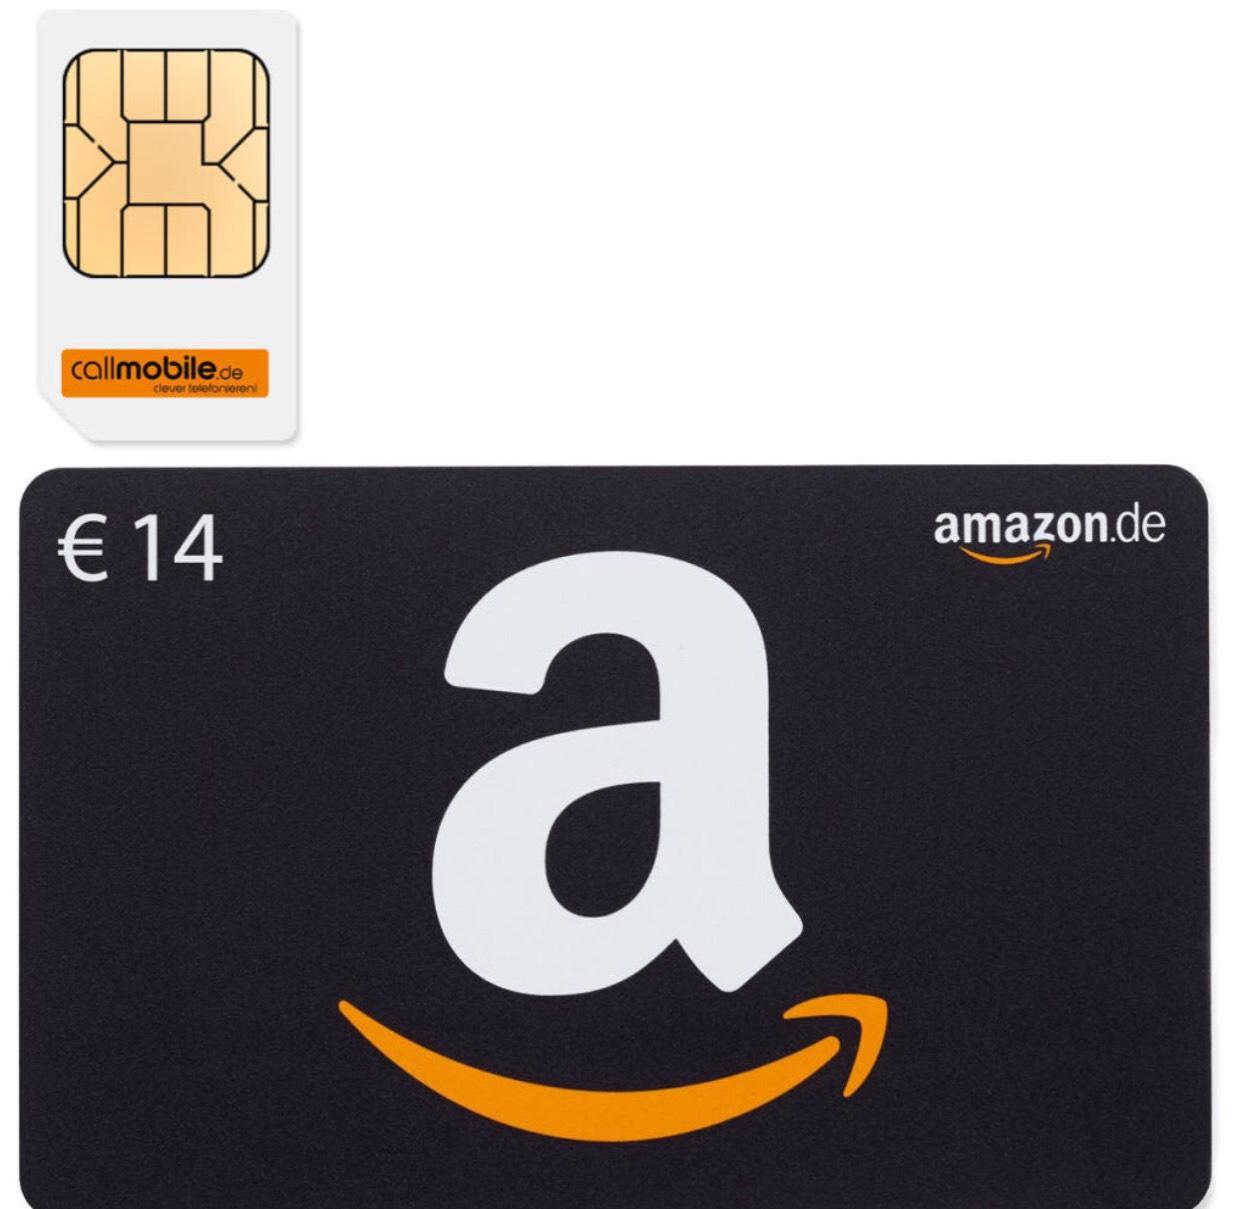 Callmobile SIM mit 14€ Amazon Gutschein für 2,95 €